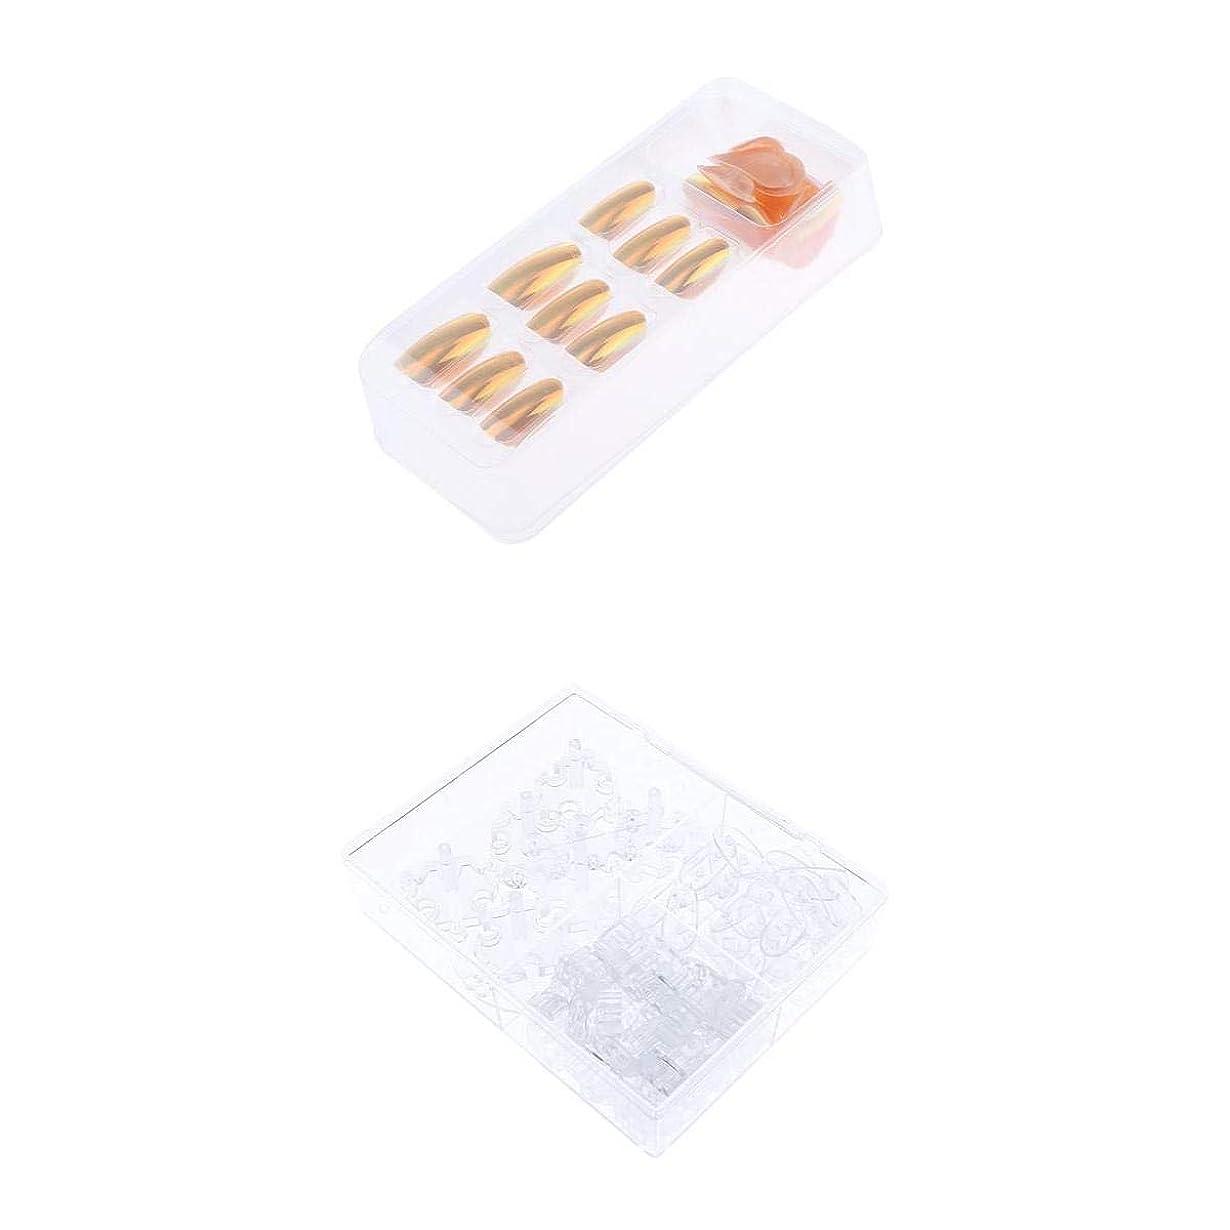 ピック異邦人石膏B Blesiya ネイルアート DIY マニキュア ネイルヒント 練習 人工爪